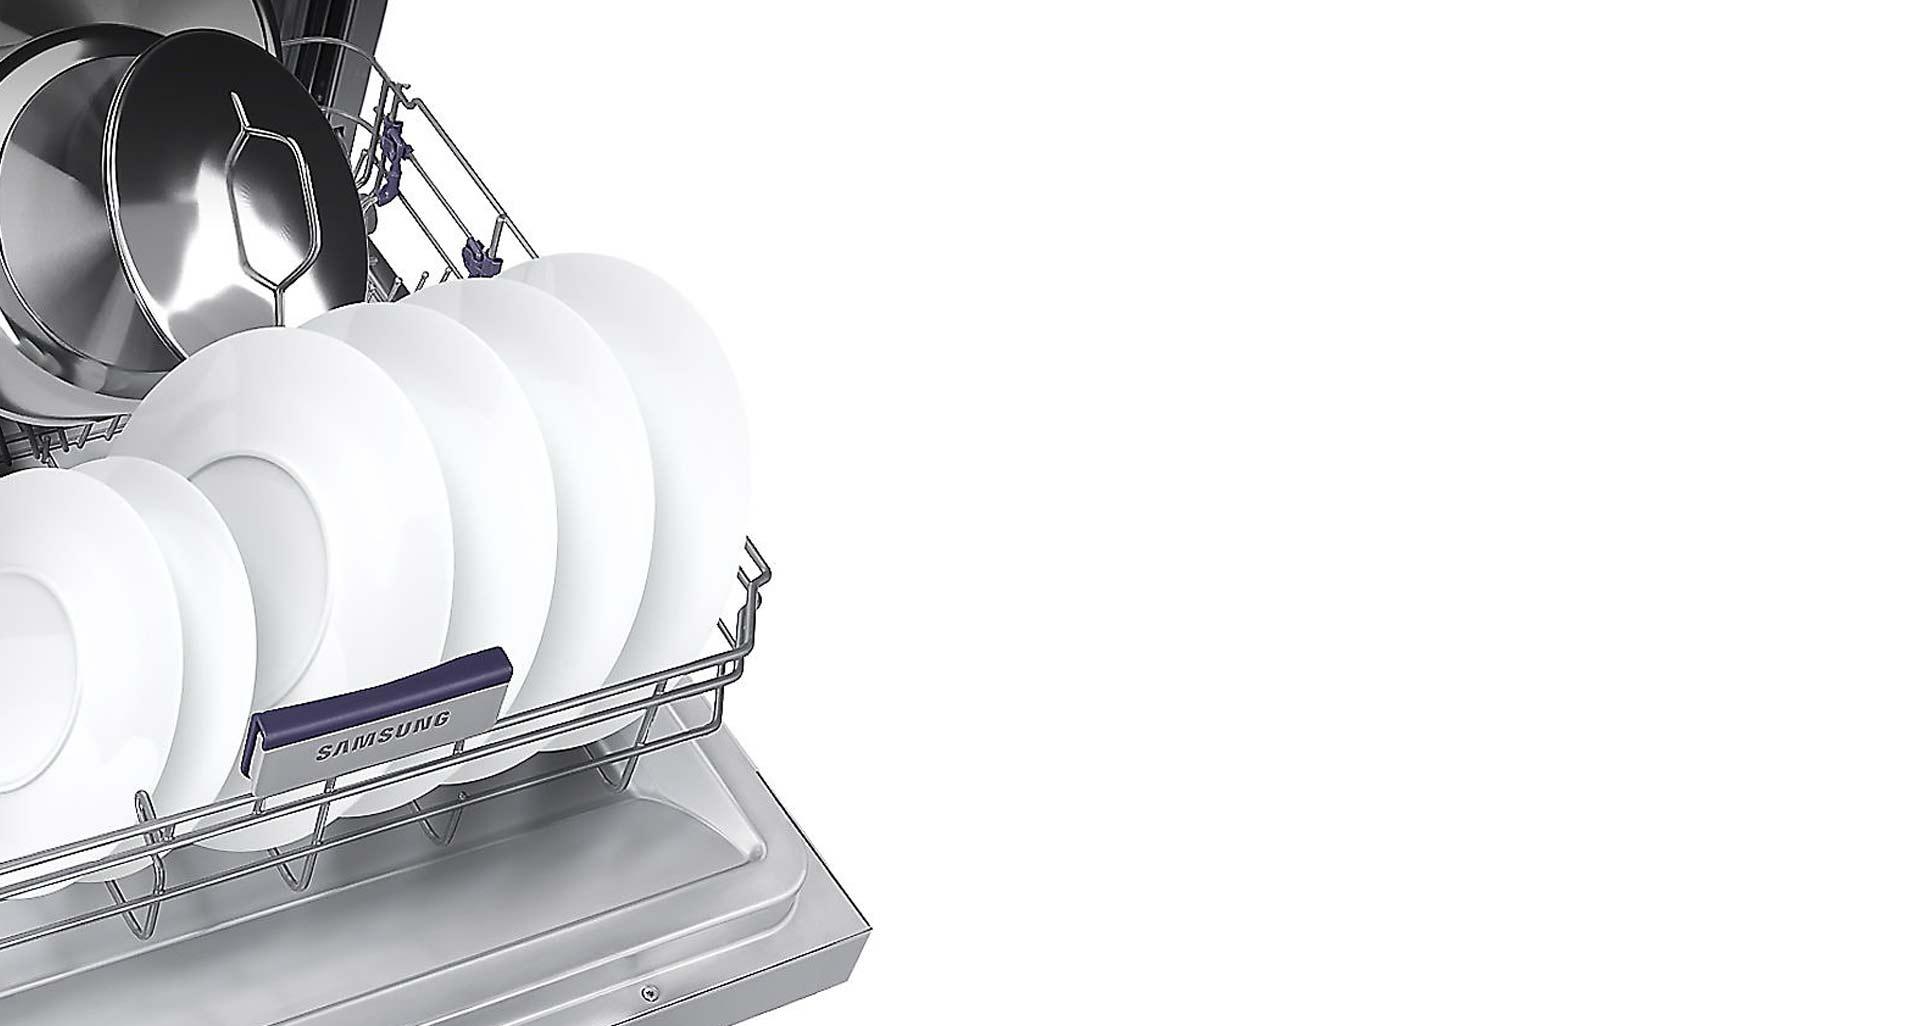 ماشین ظرفشویی سامسونگ 13 نفره با برنامه نیم شور